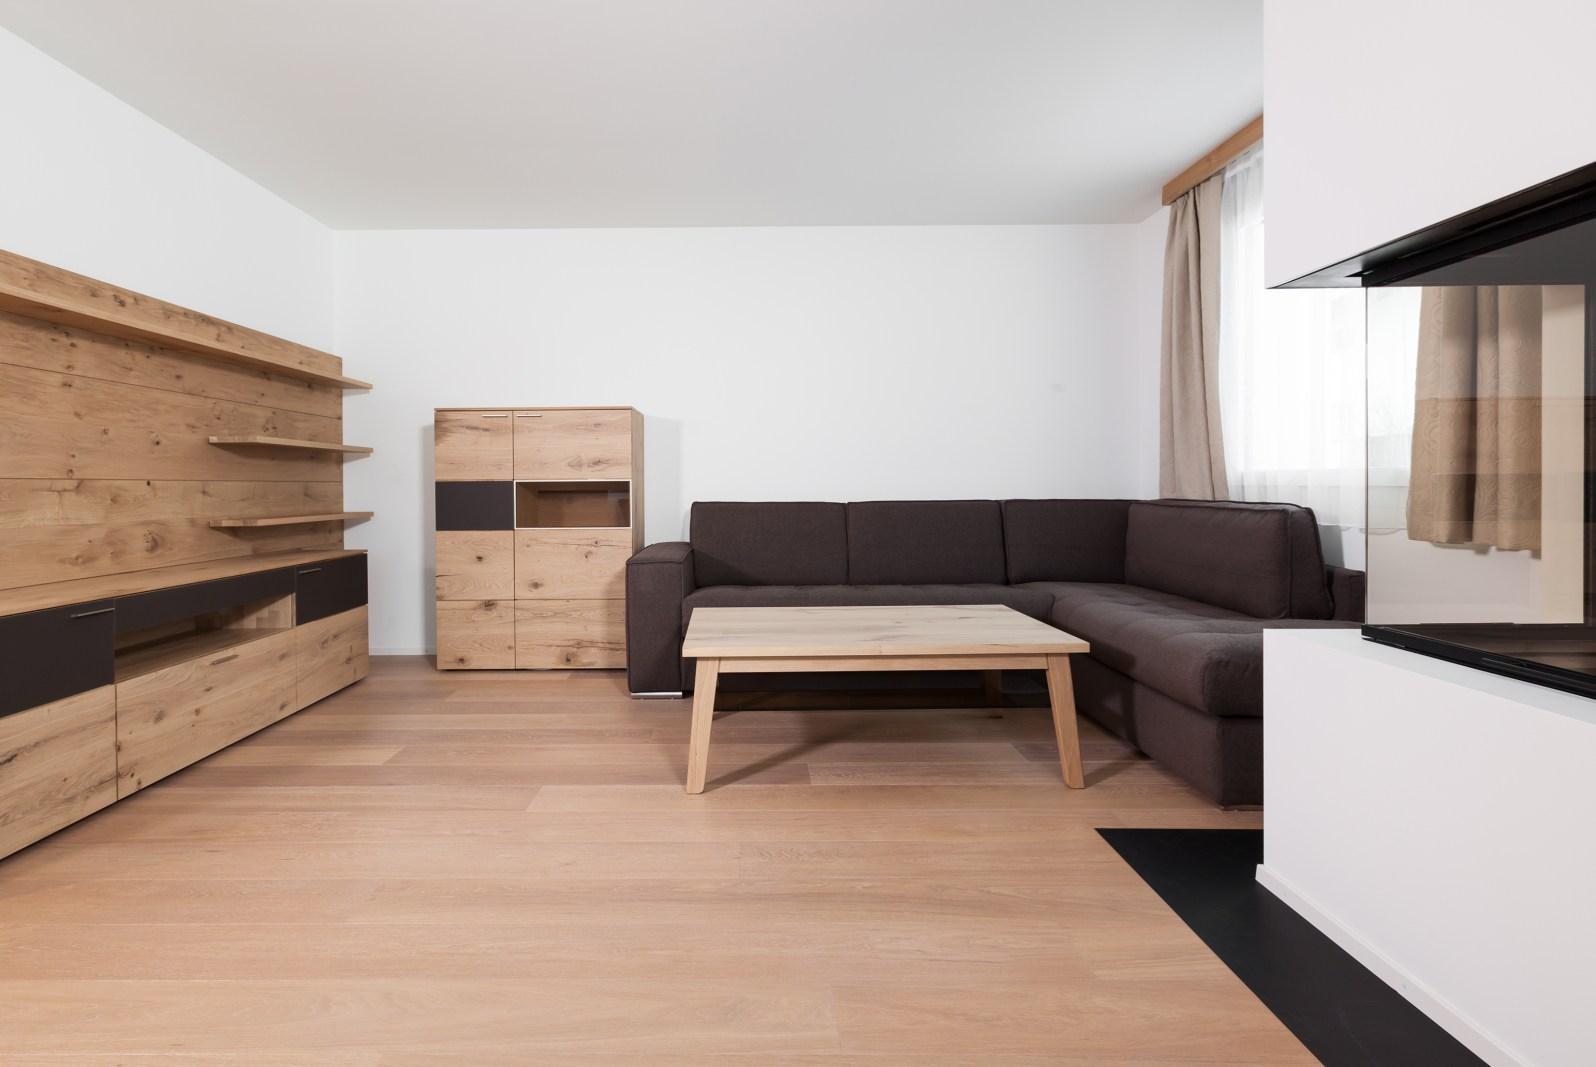 Wohnzimmer möbliert Wohnungen Sils Maria/ Engadin